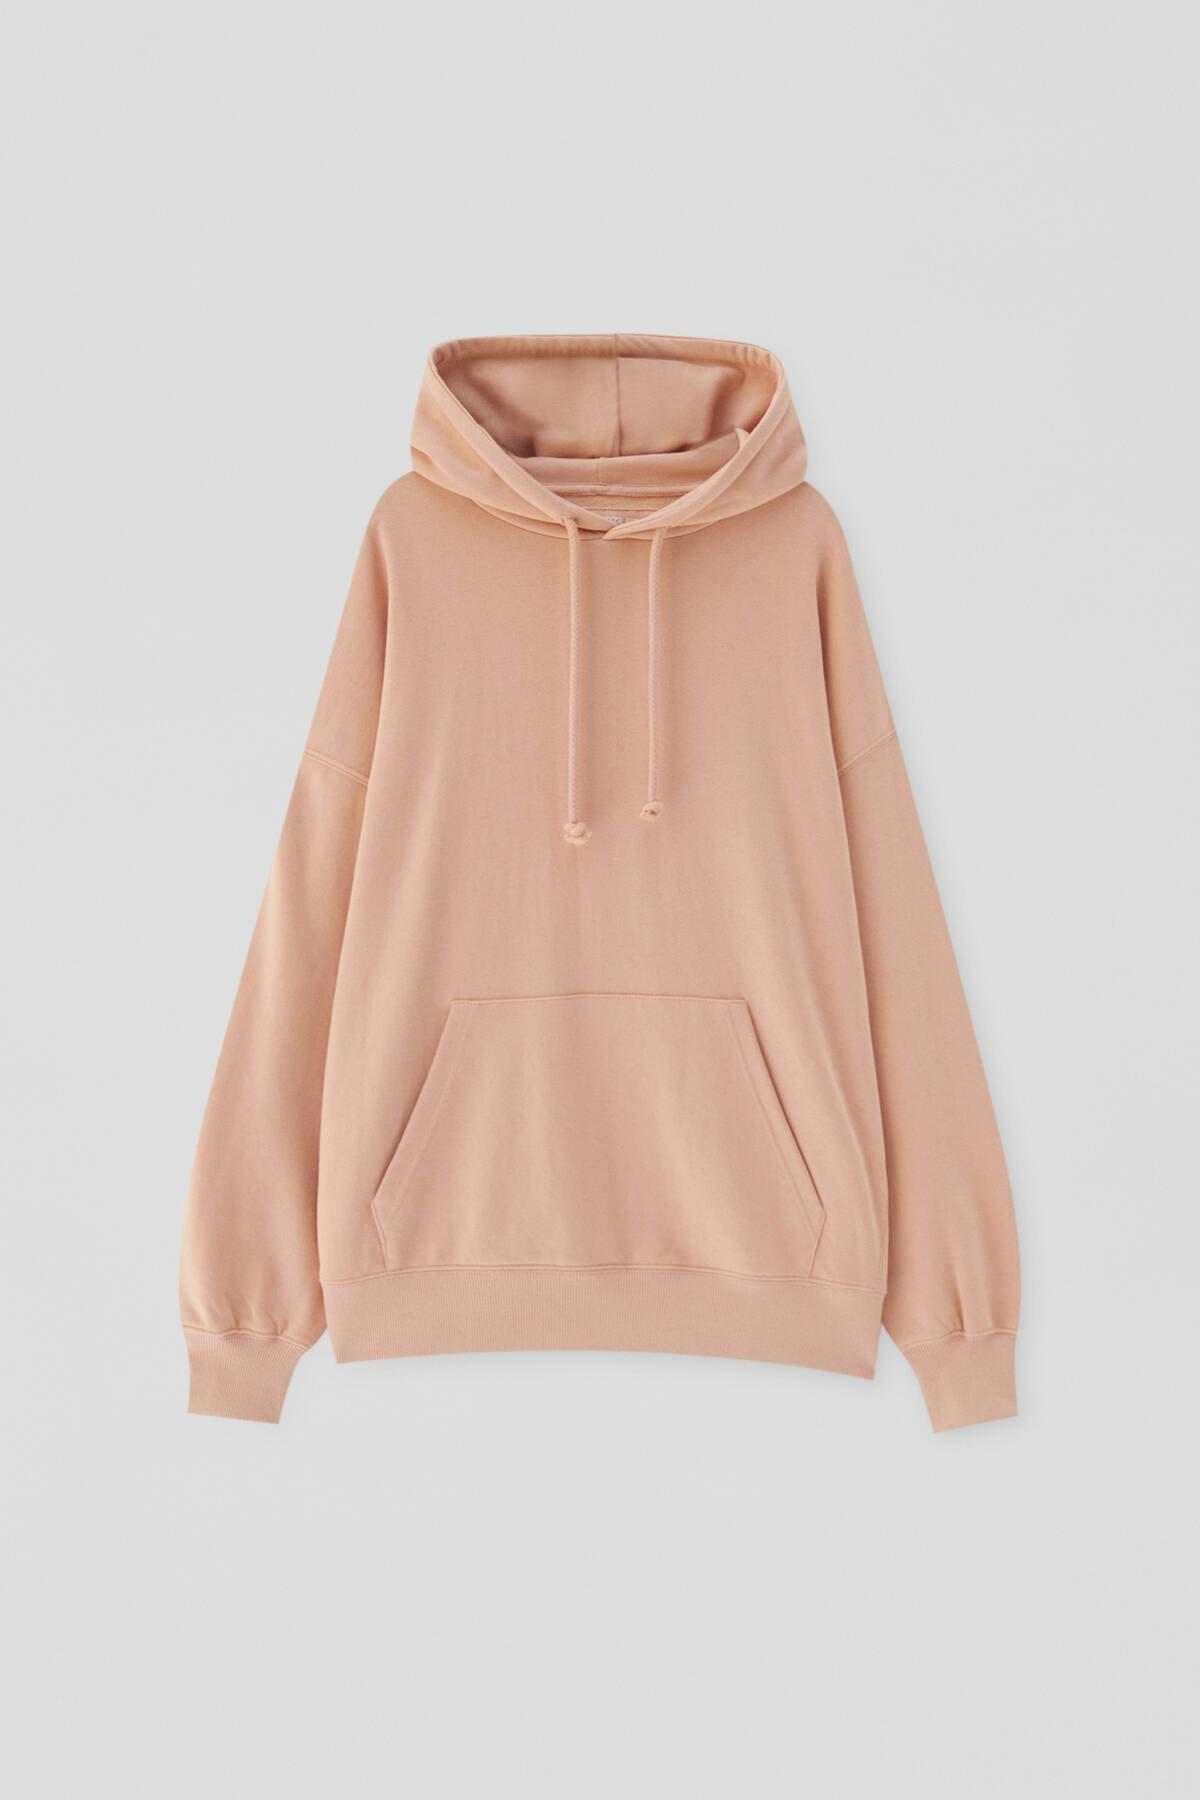 Pull & Bear Kadın Açık Somon Kanguru Cepli Kapüşonlu Oversize Sweatshirt 04591369 4